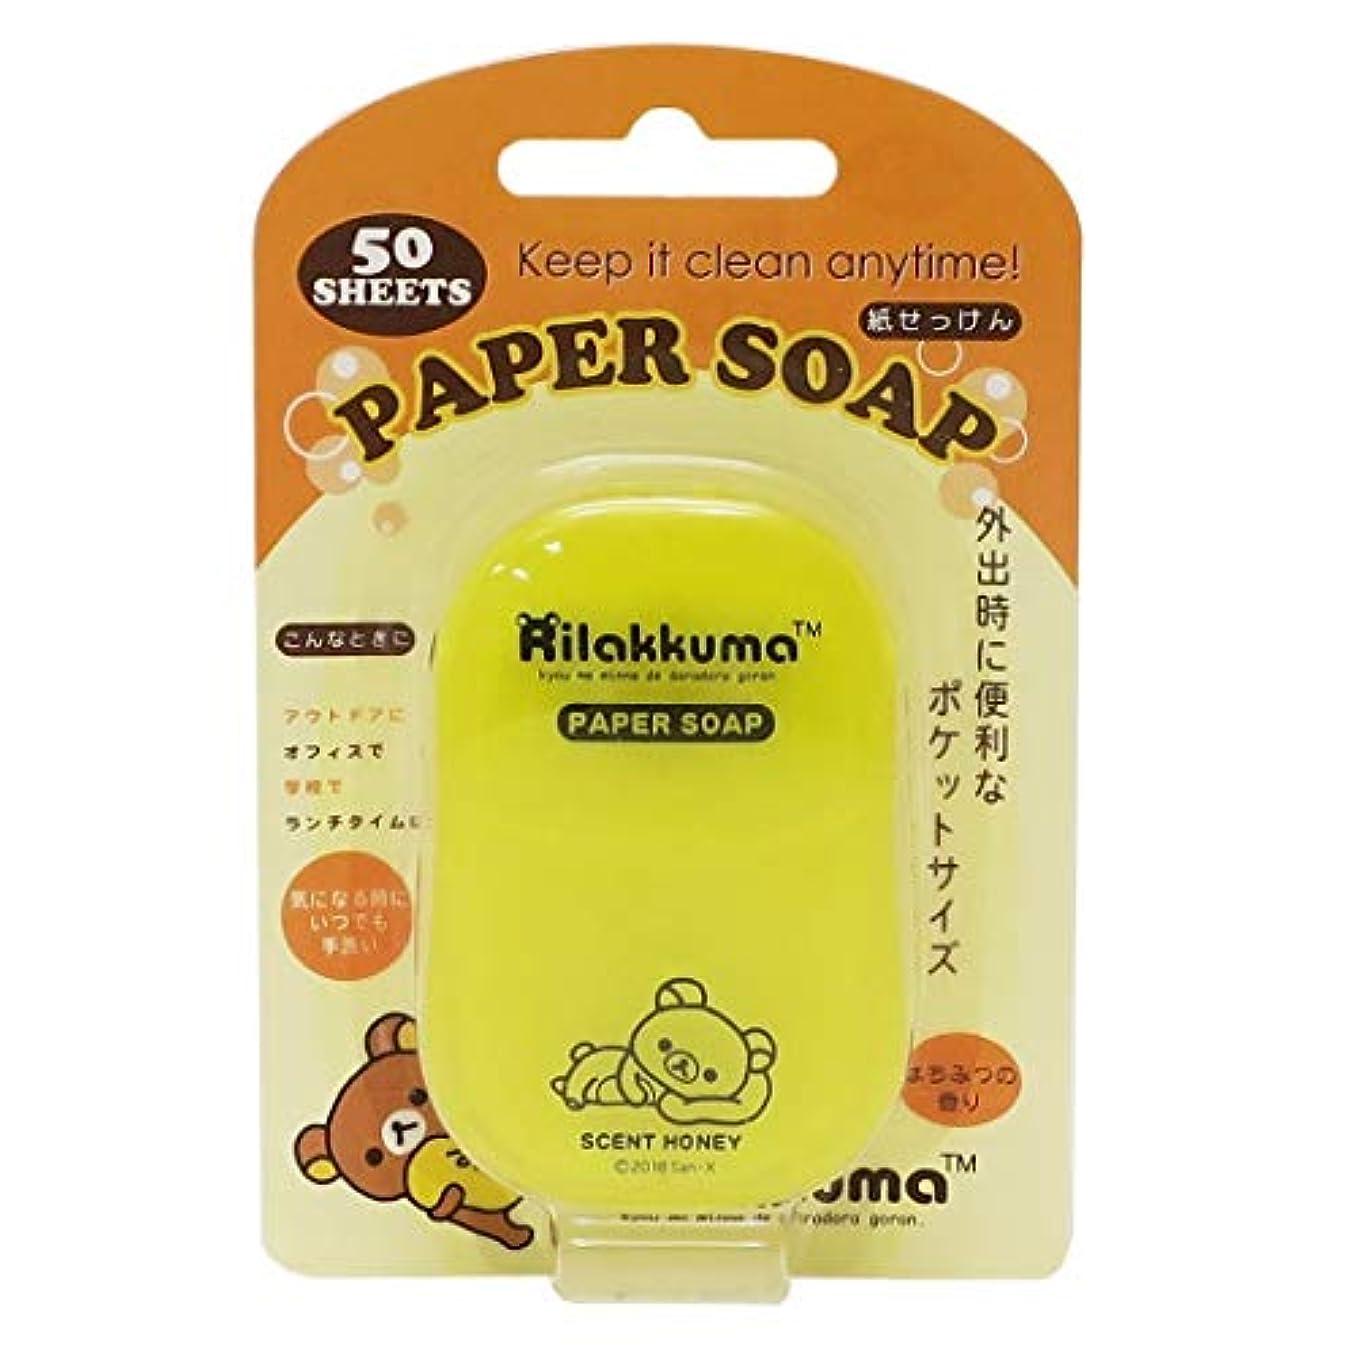 火薬ポインタ回路【 2個 セット 】 リラックマ キャラクター 紙石鹸 はちみつの香り 100枚入り (50枚×2個)